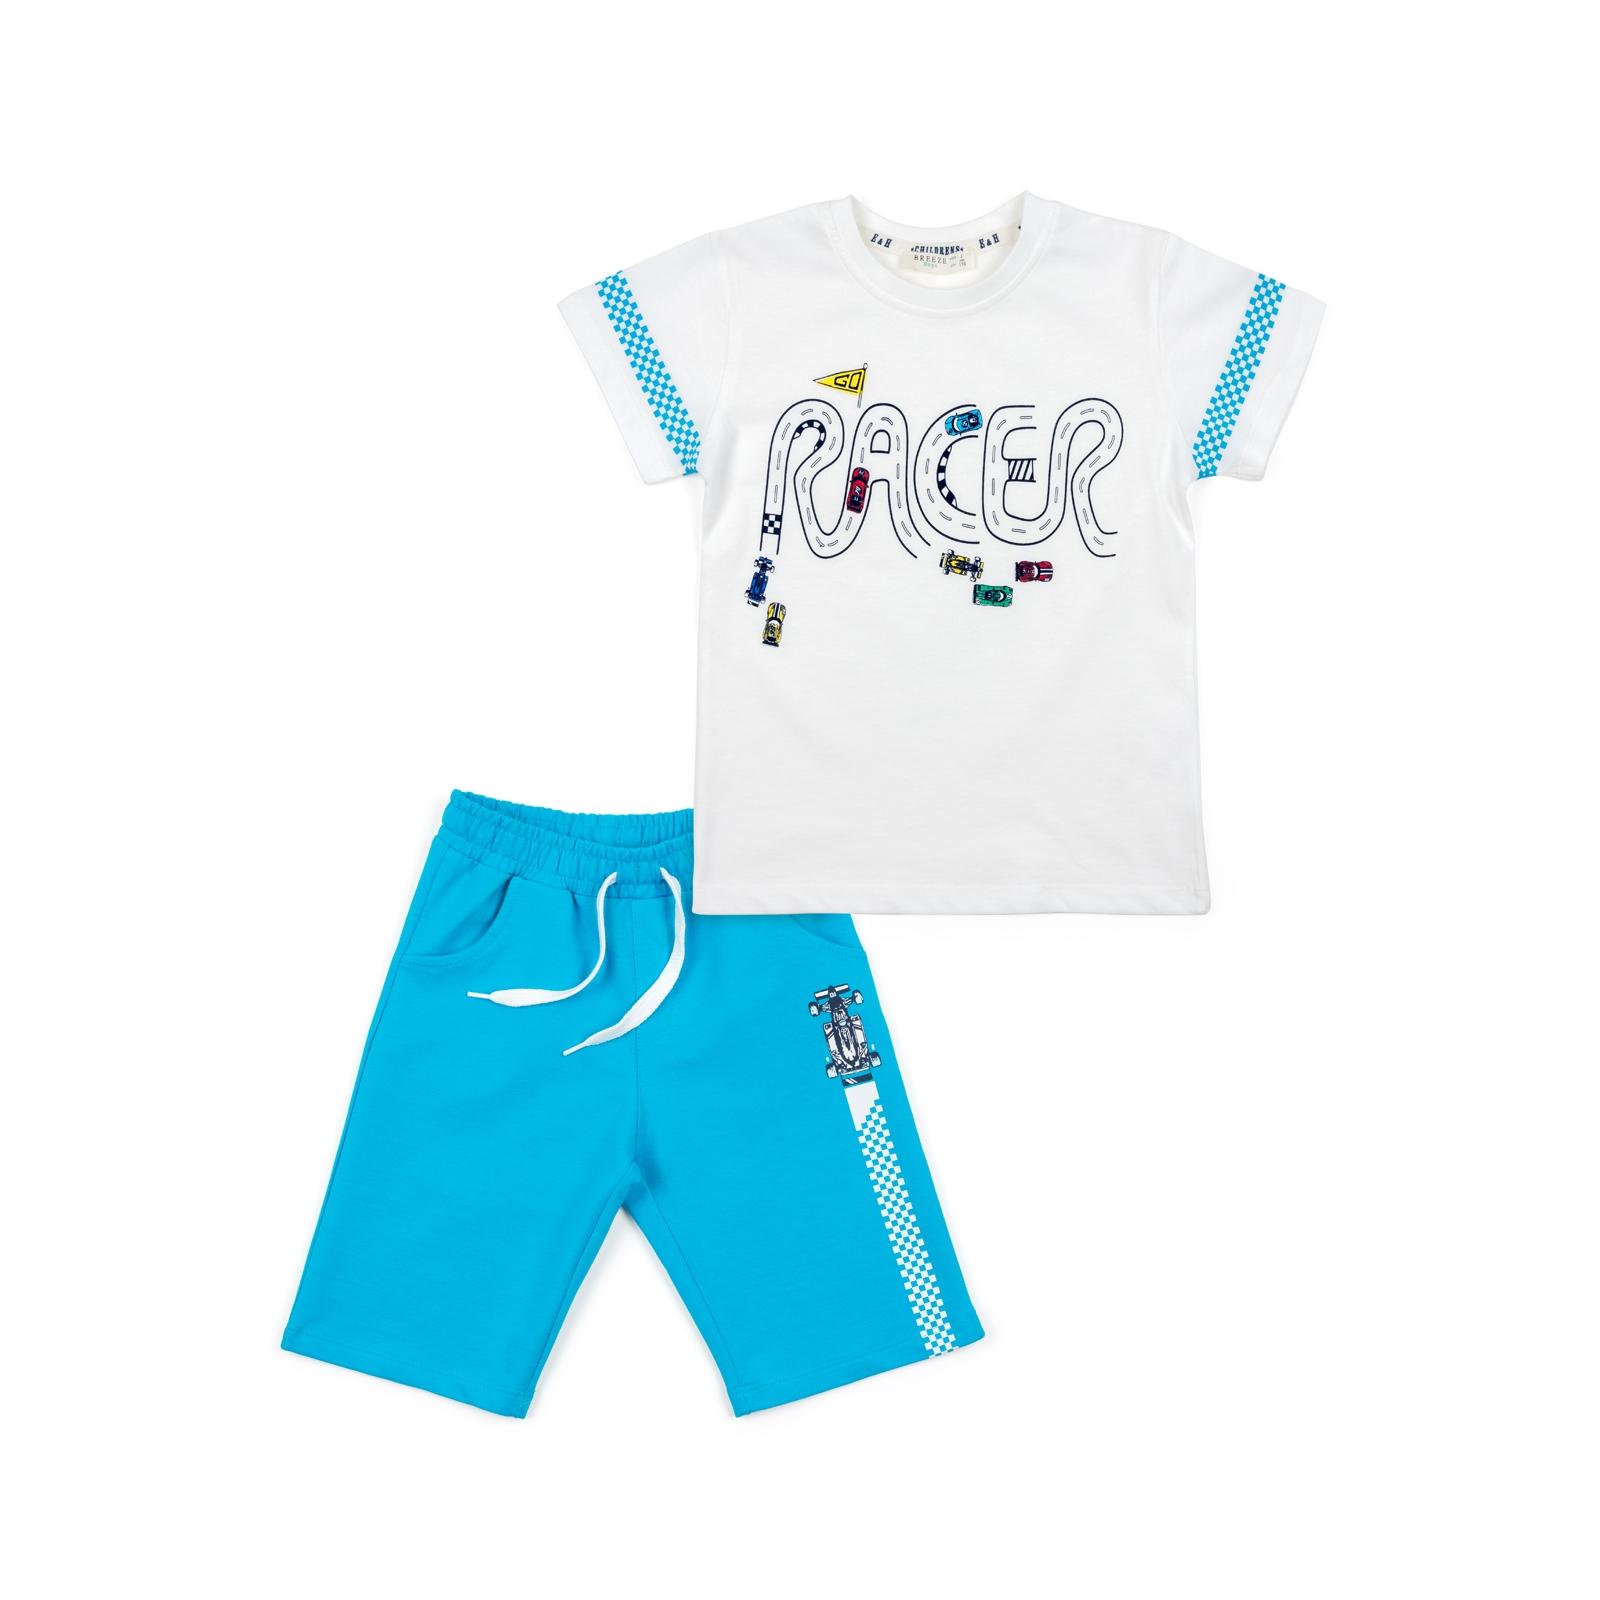 Набор детской одежды Breeze с машинками (12103-92B-blue)